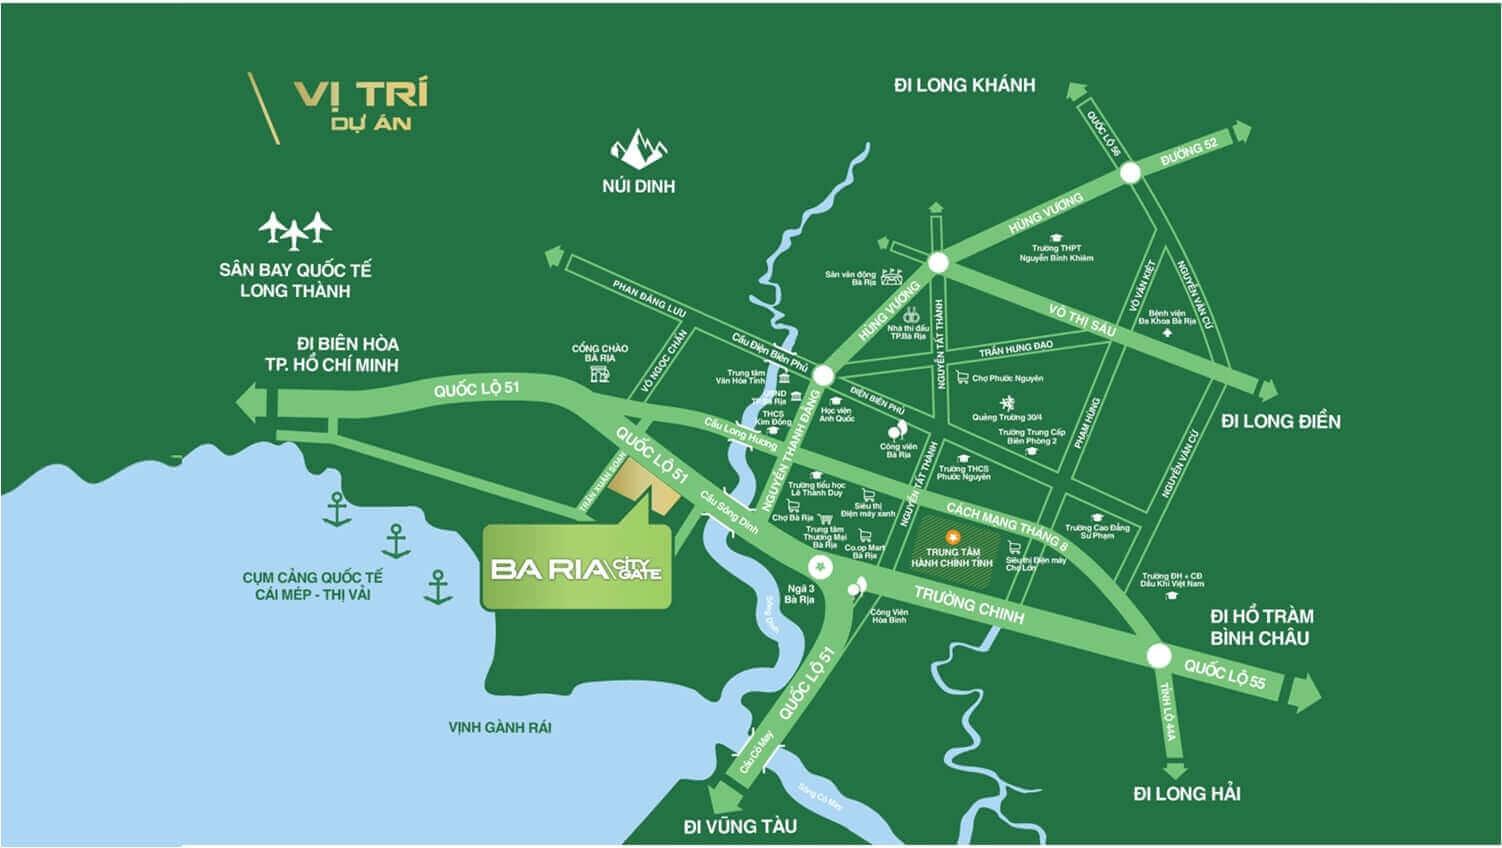 vi-tr-du-an-baria-city-gate (2)